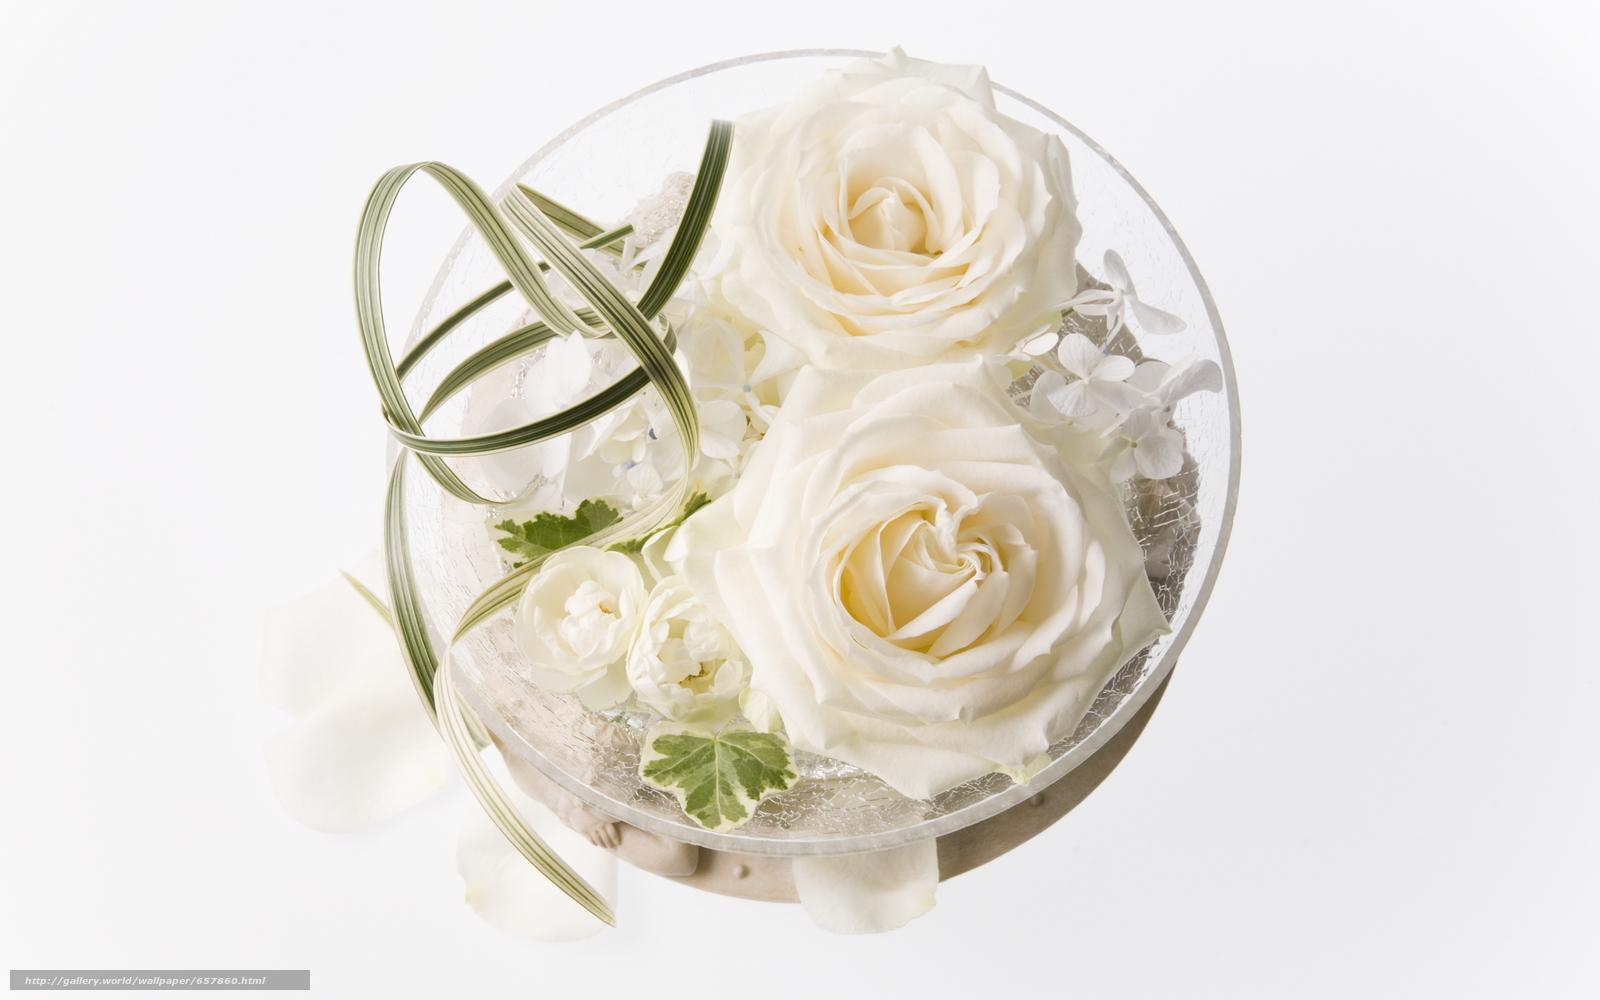 Скачать обои цветы,  цветок,  роза,  розы бесплатно для рабочего стола в разрешении 2950x1843 — картинка №657860